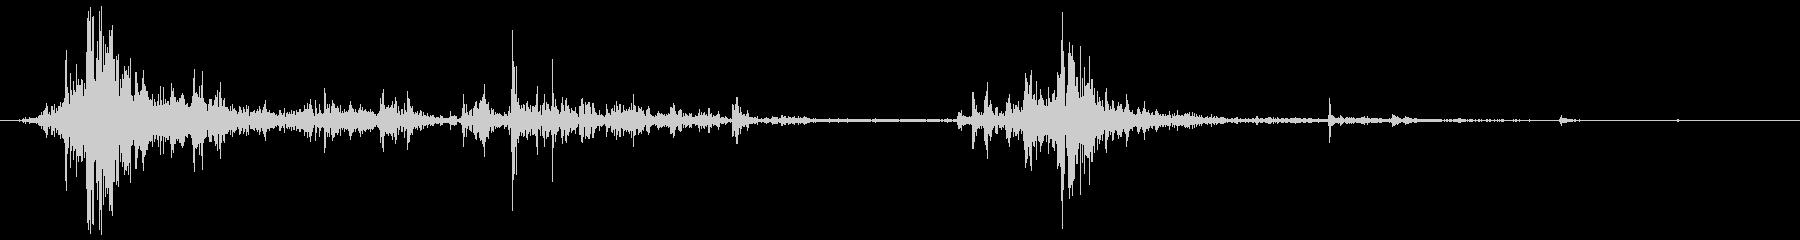 ファストウッドシャッターラトル、フォリーの未再生の波形